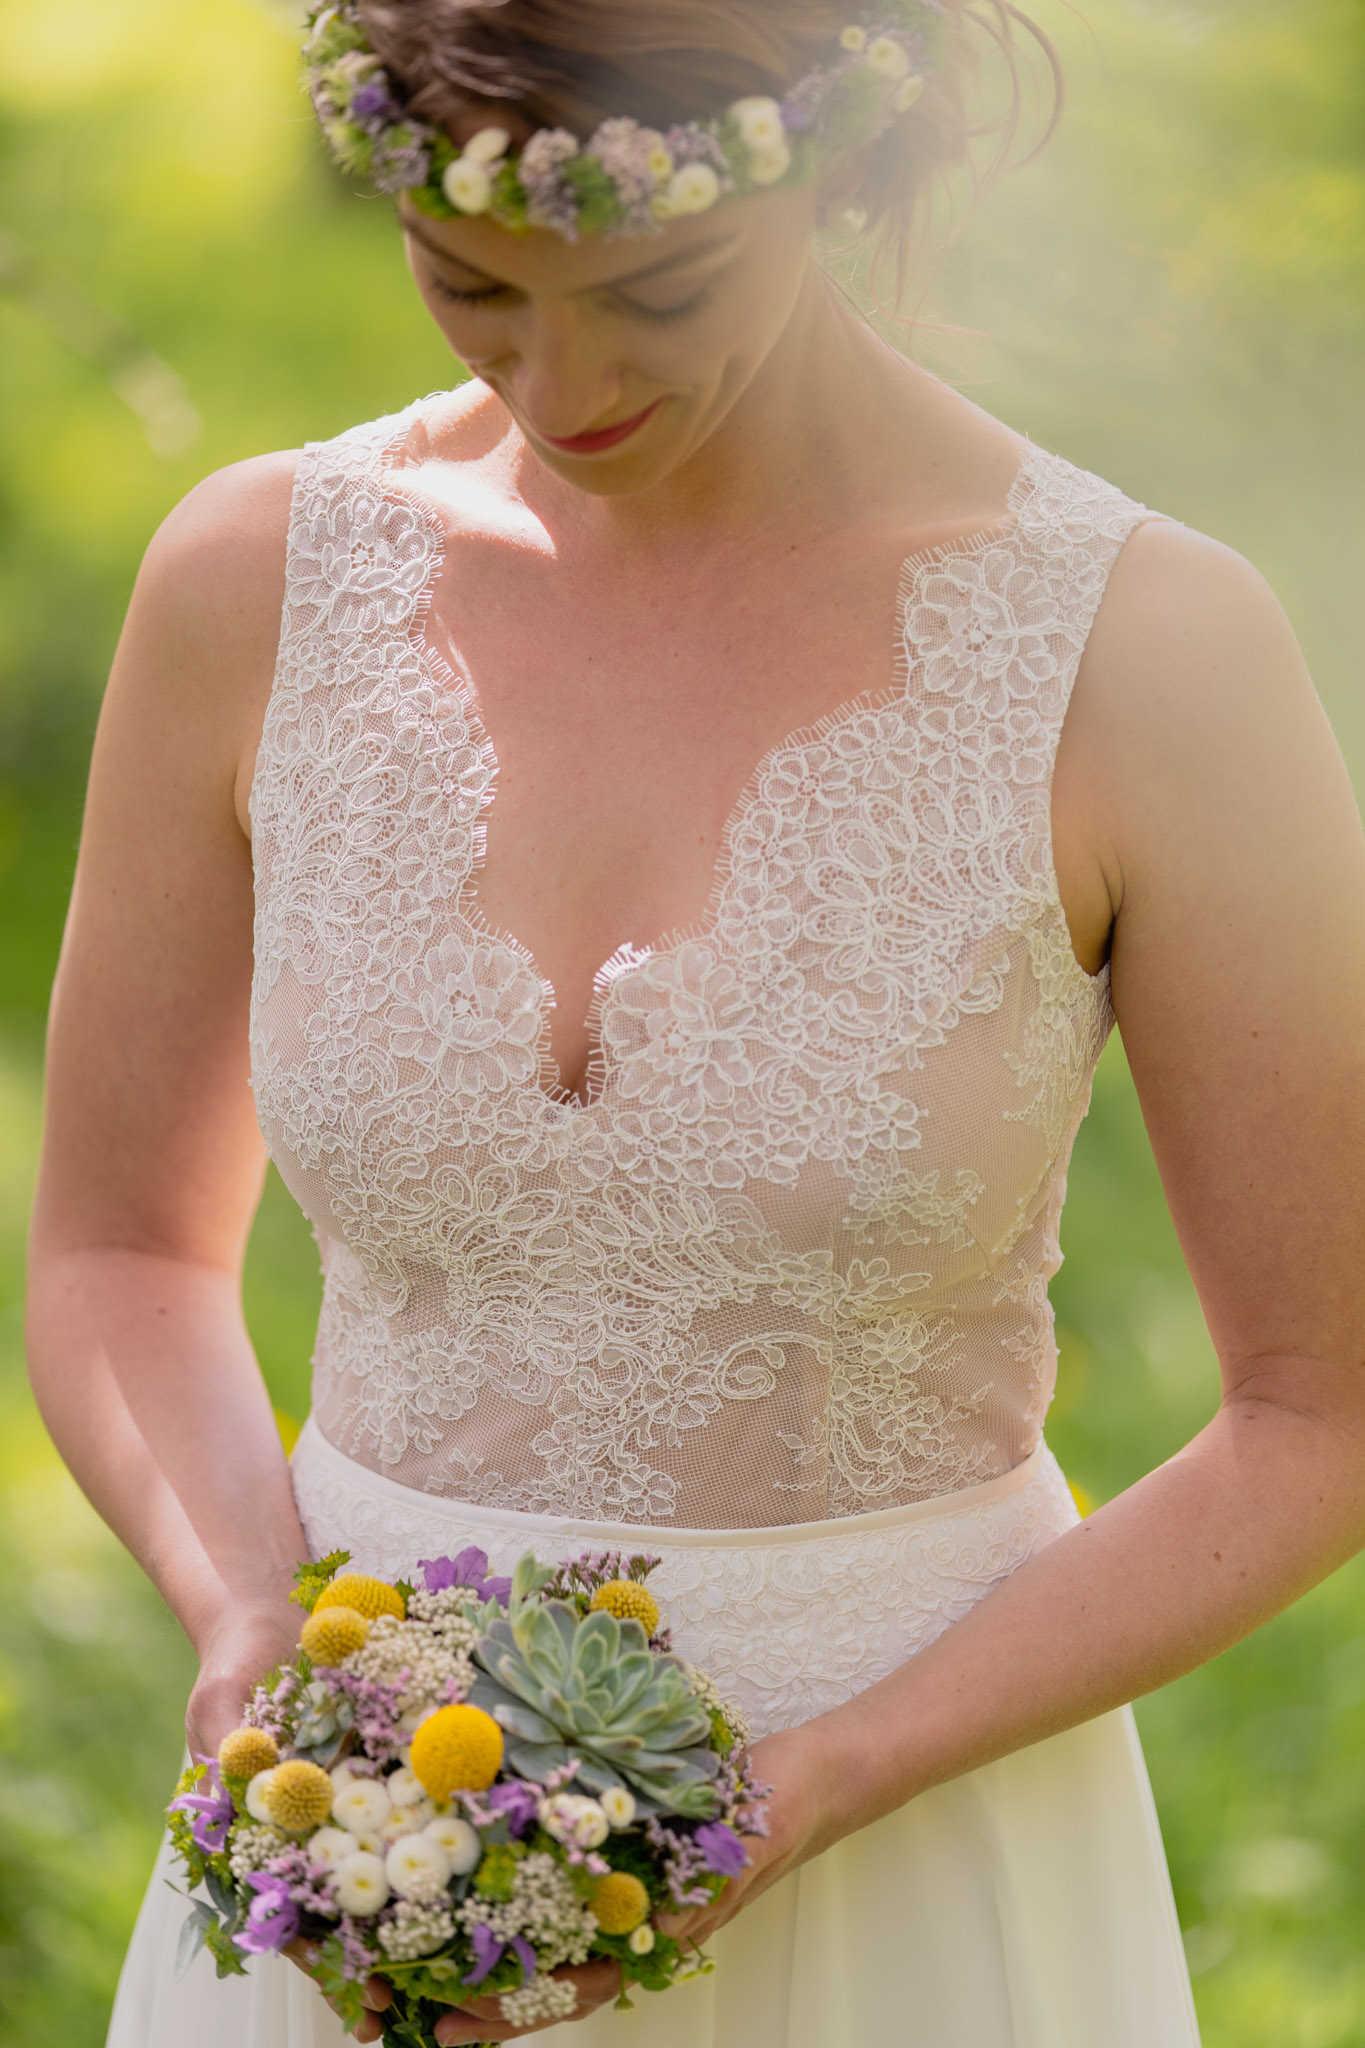 Kurzes Brautkleid im Vintage-Stil mit zauberhafter Spitze